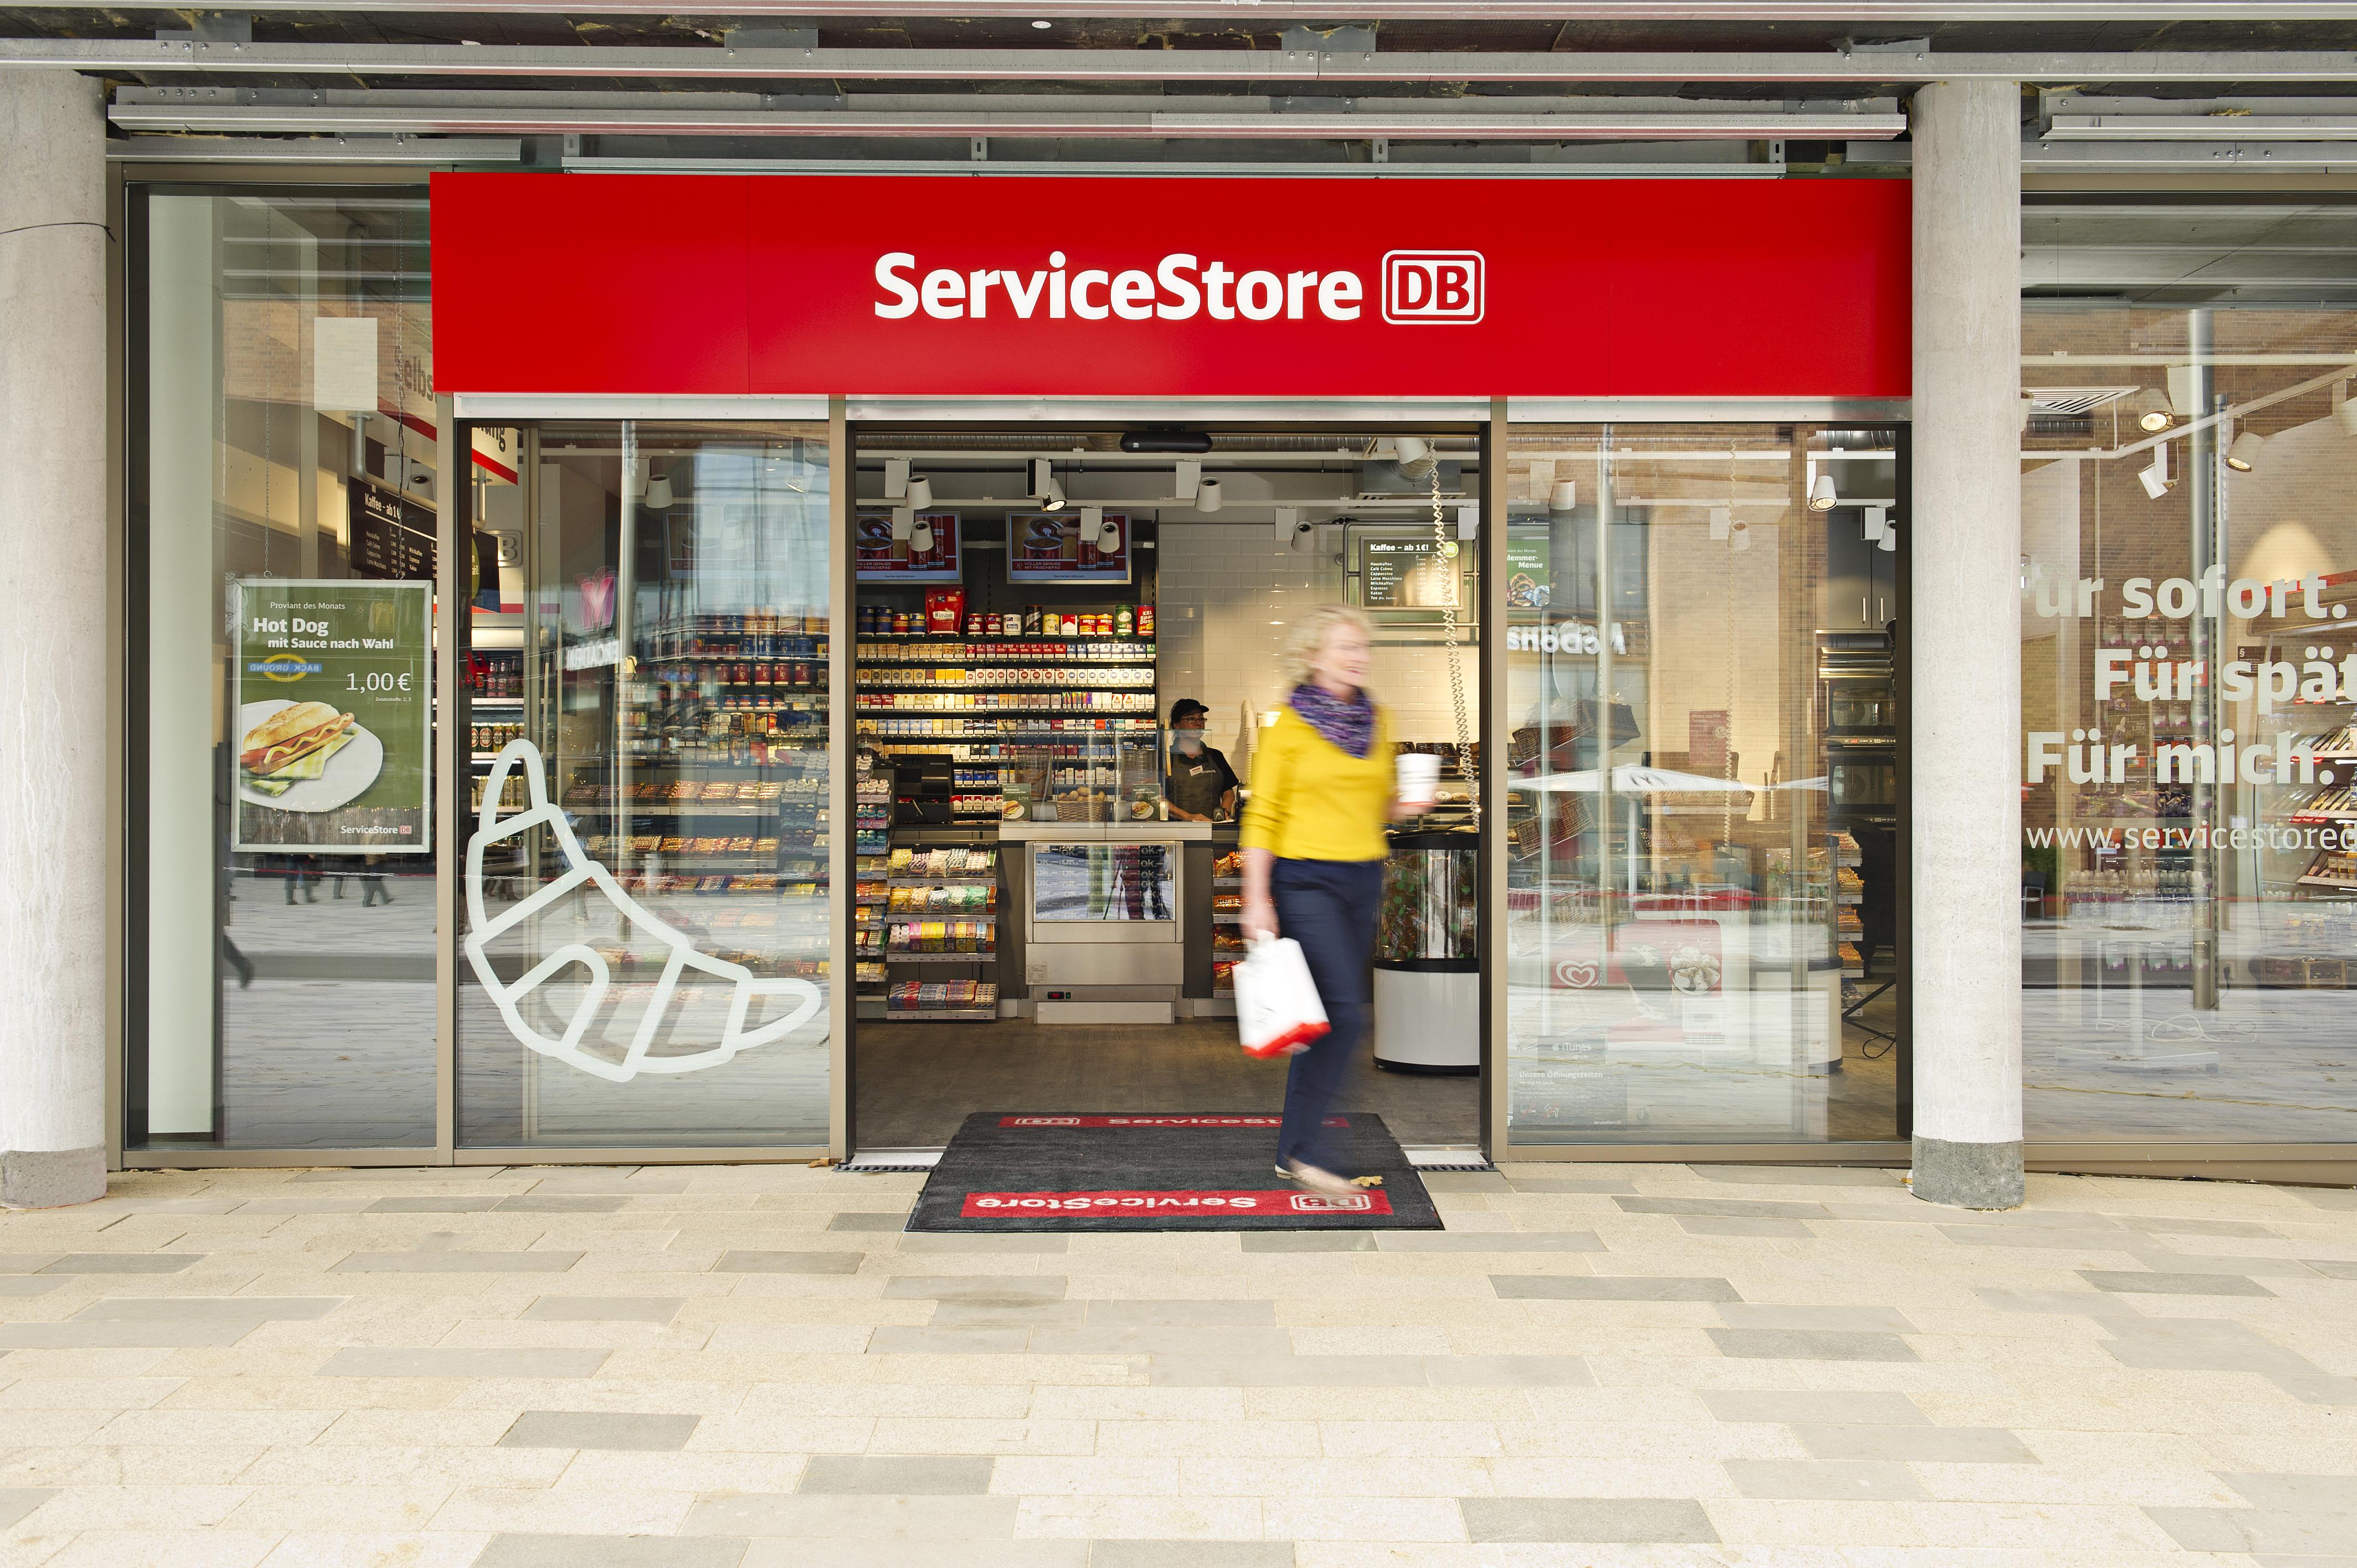 ServiceStore DB - Bahnhof Frankfurt West